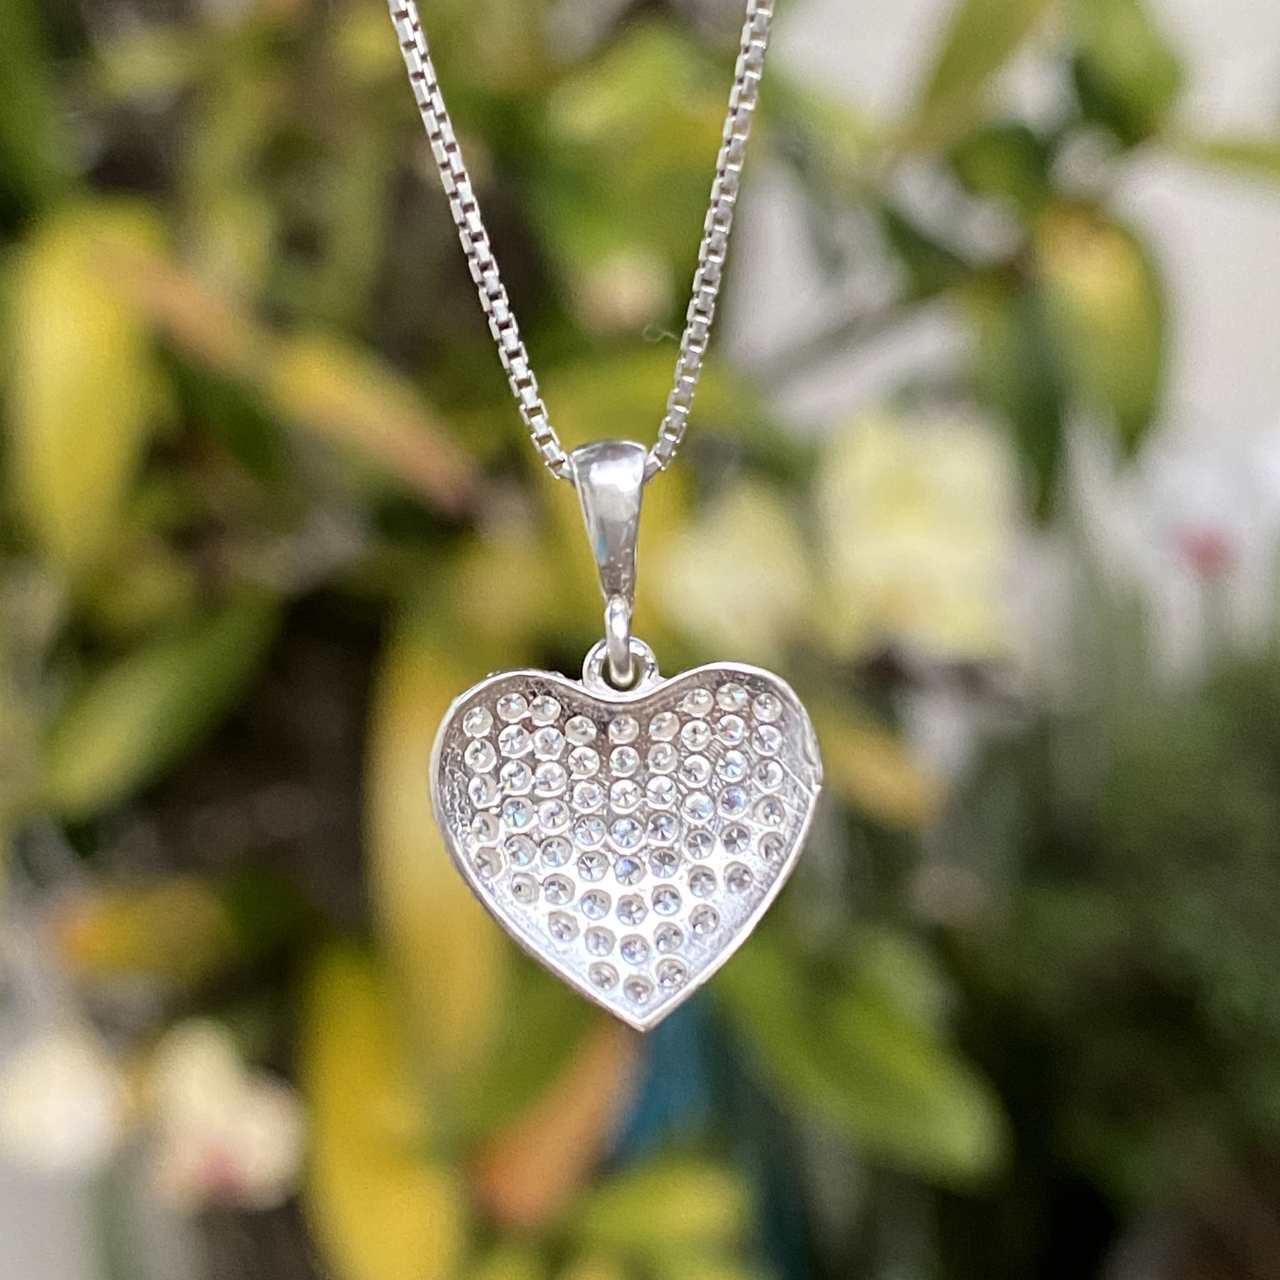 Pingente de Prata 925 Coração Cravejado Microzircônias